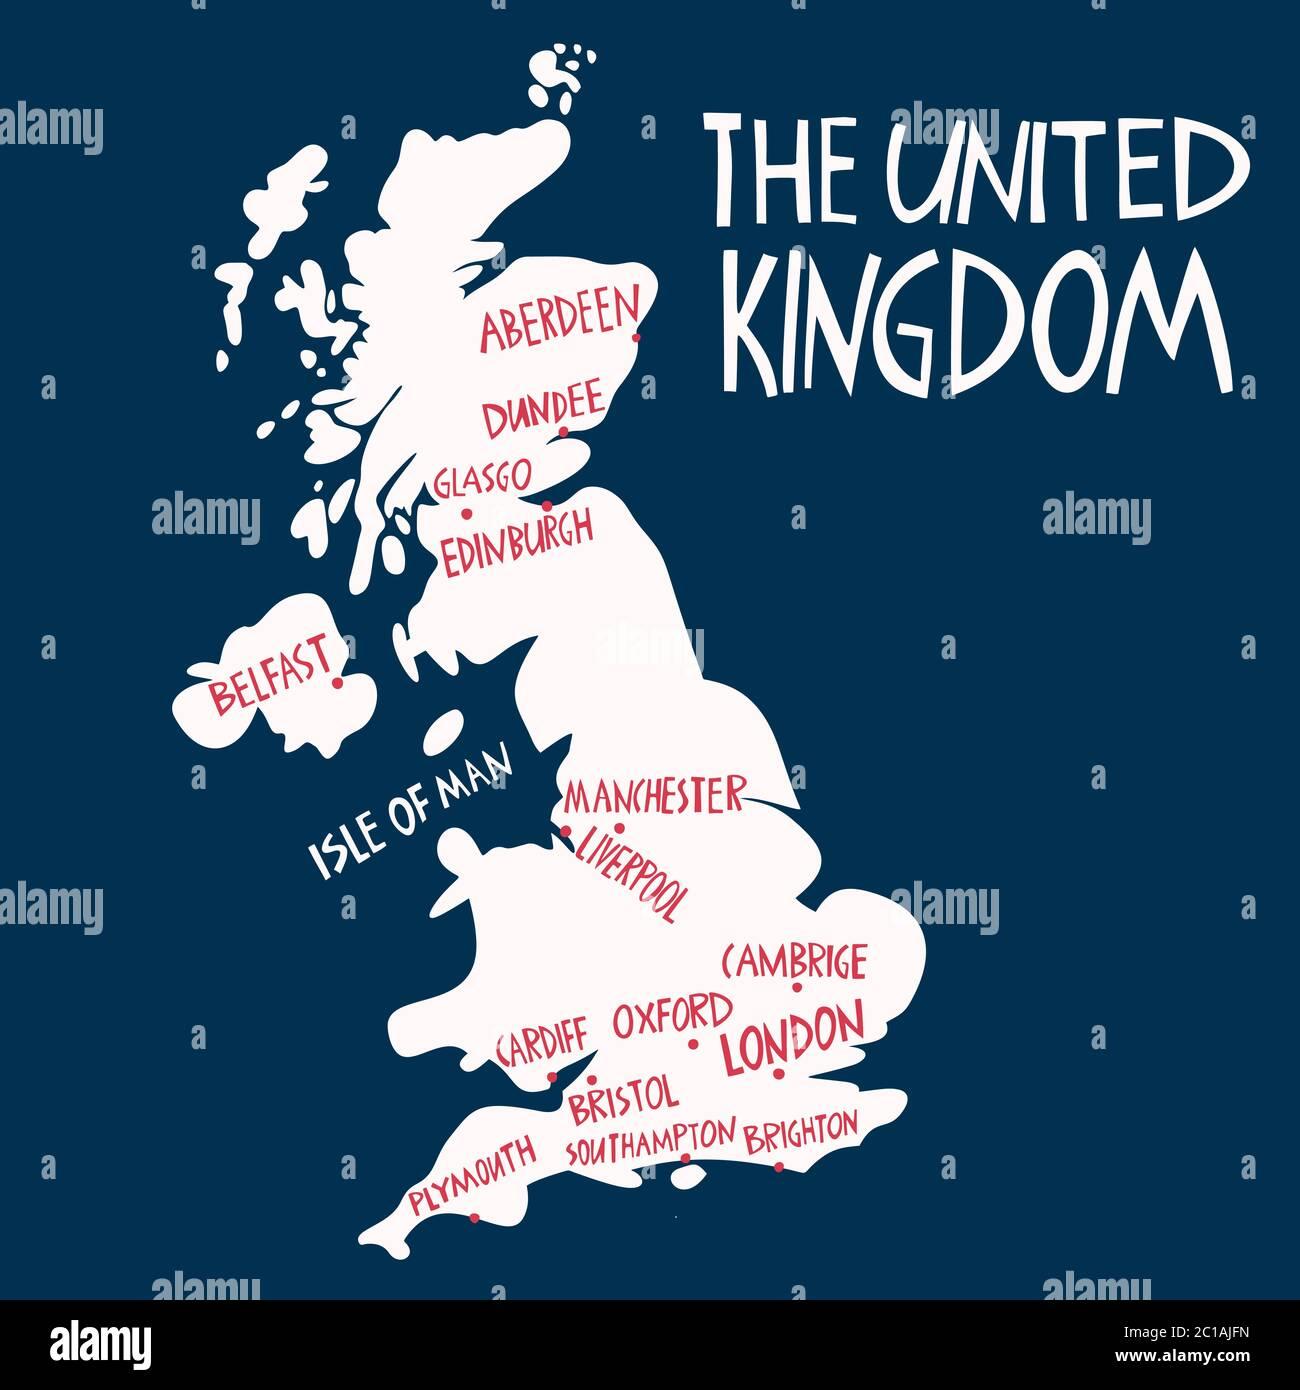 Cartina Geografica Inghilterra Da Colorare.Mappa Stilizzata Del Regno Unito Disegnata A Mano Da Un Vettore Illustrazione Di Viaggio Delle Citta Della Gran Bretagna Illustrazione Scritta Disegnata A Mano Europa Mappa Eleme Immagine E Vettoriale Alamy